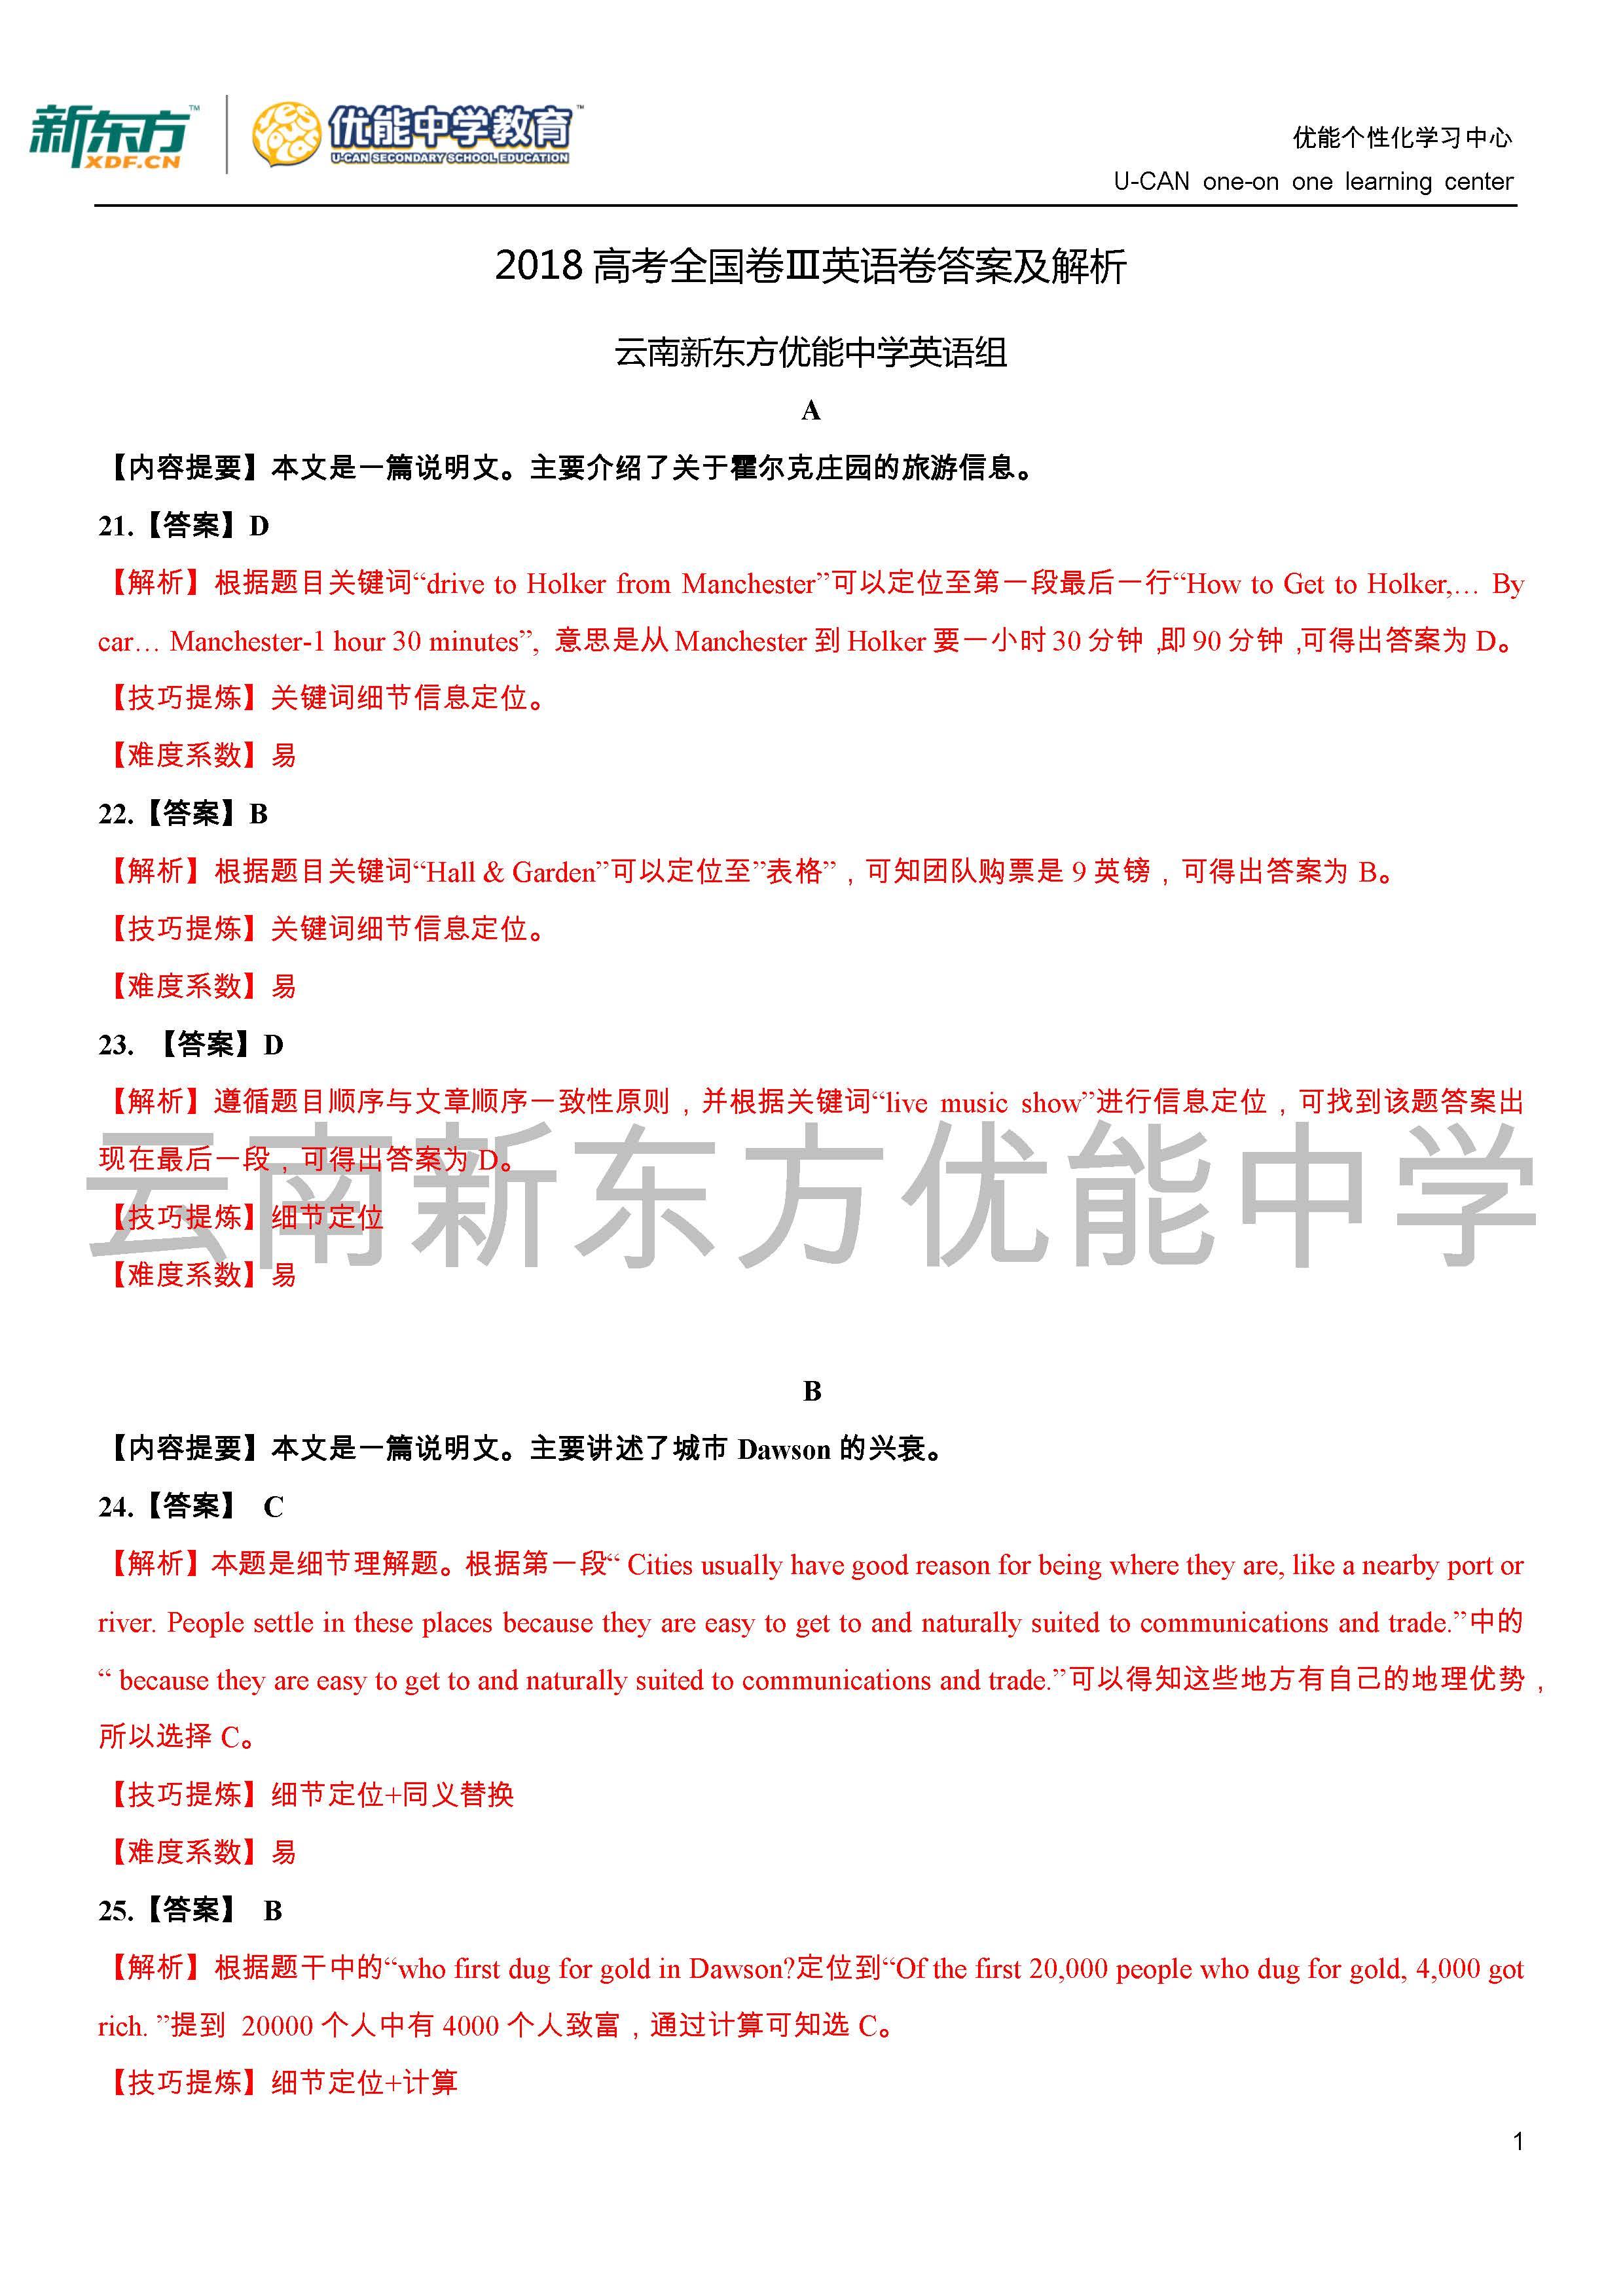 2018全国卷3高考英语试题逐题解析(云南新东方)